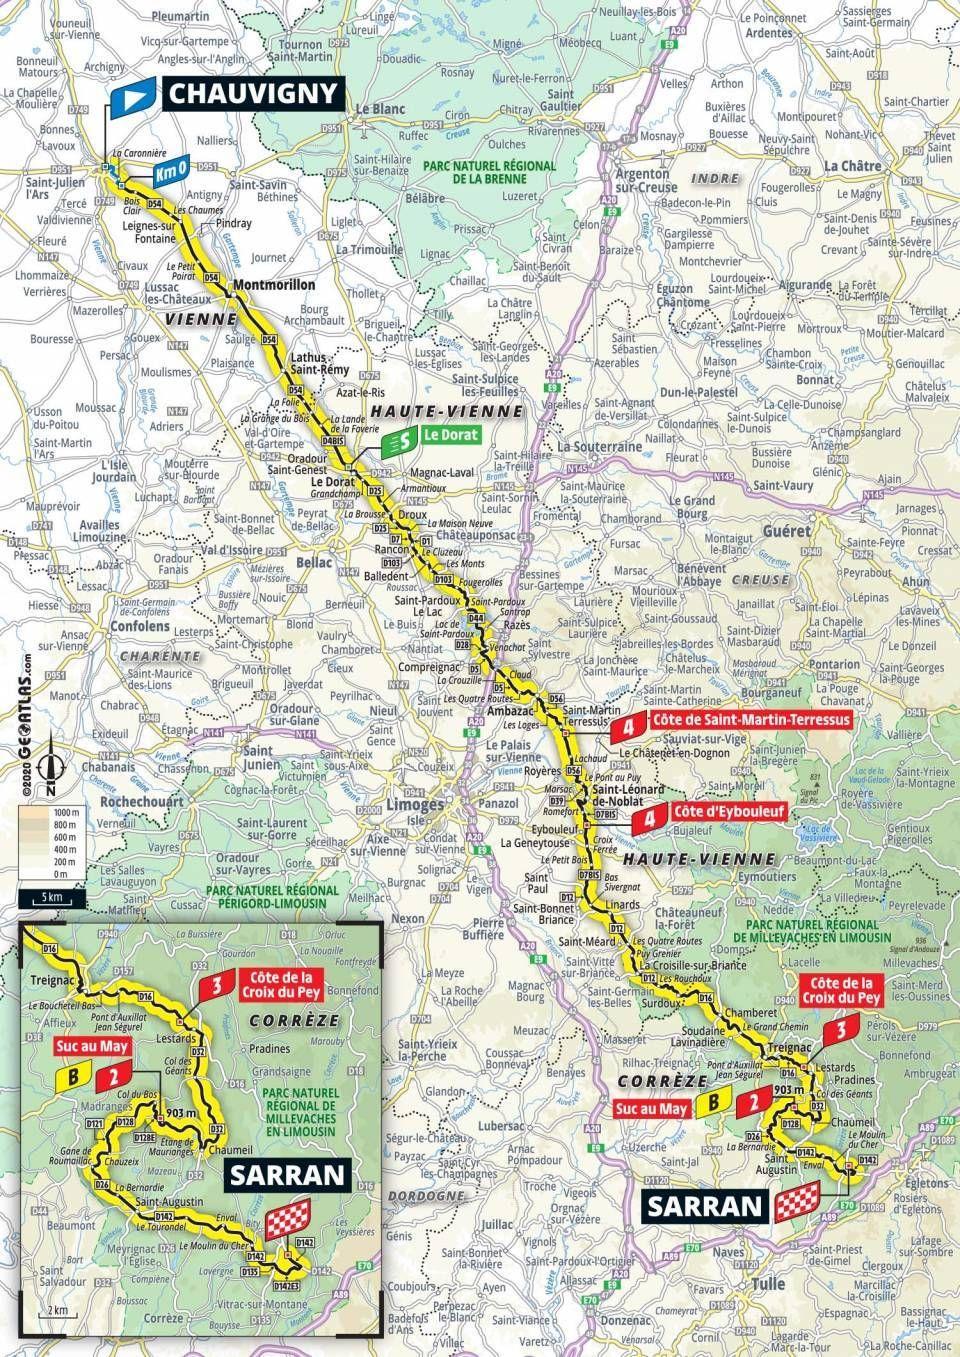 tour de france stage 12 map